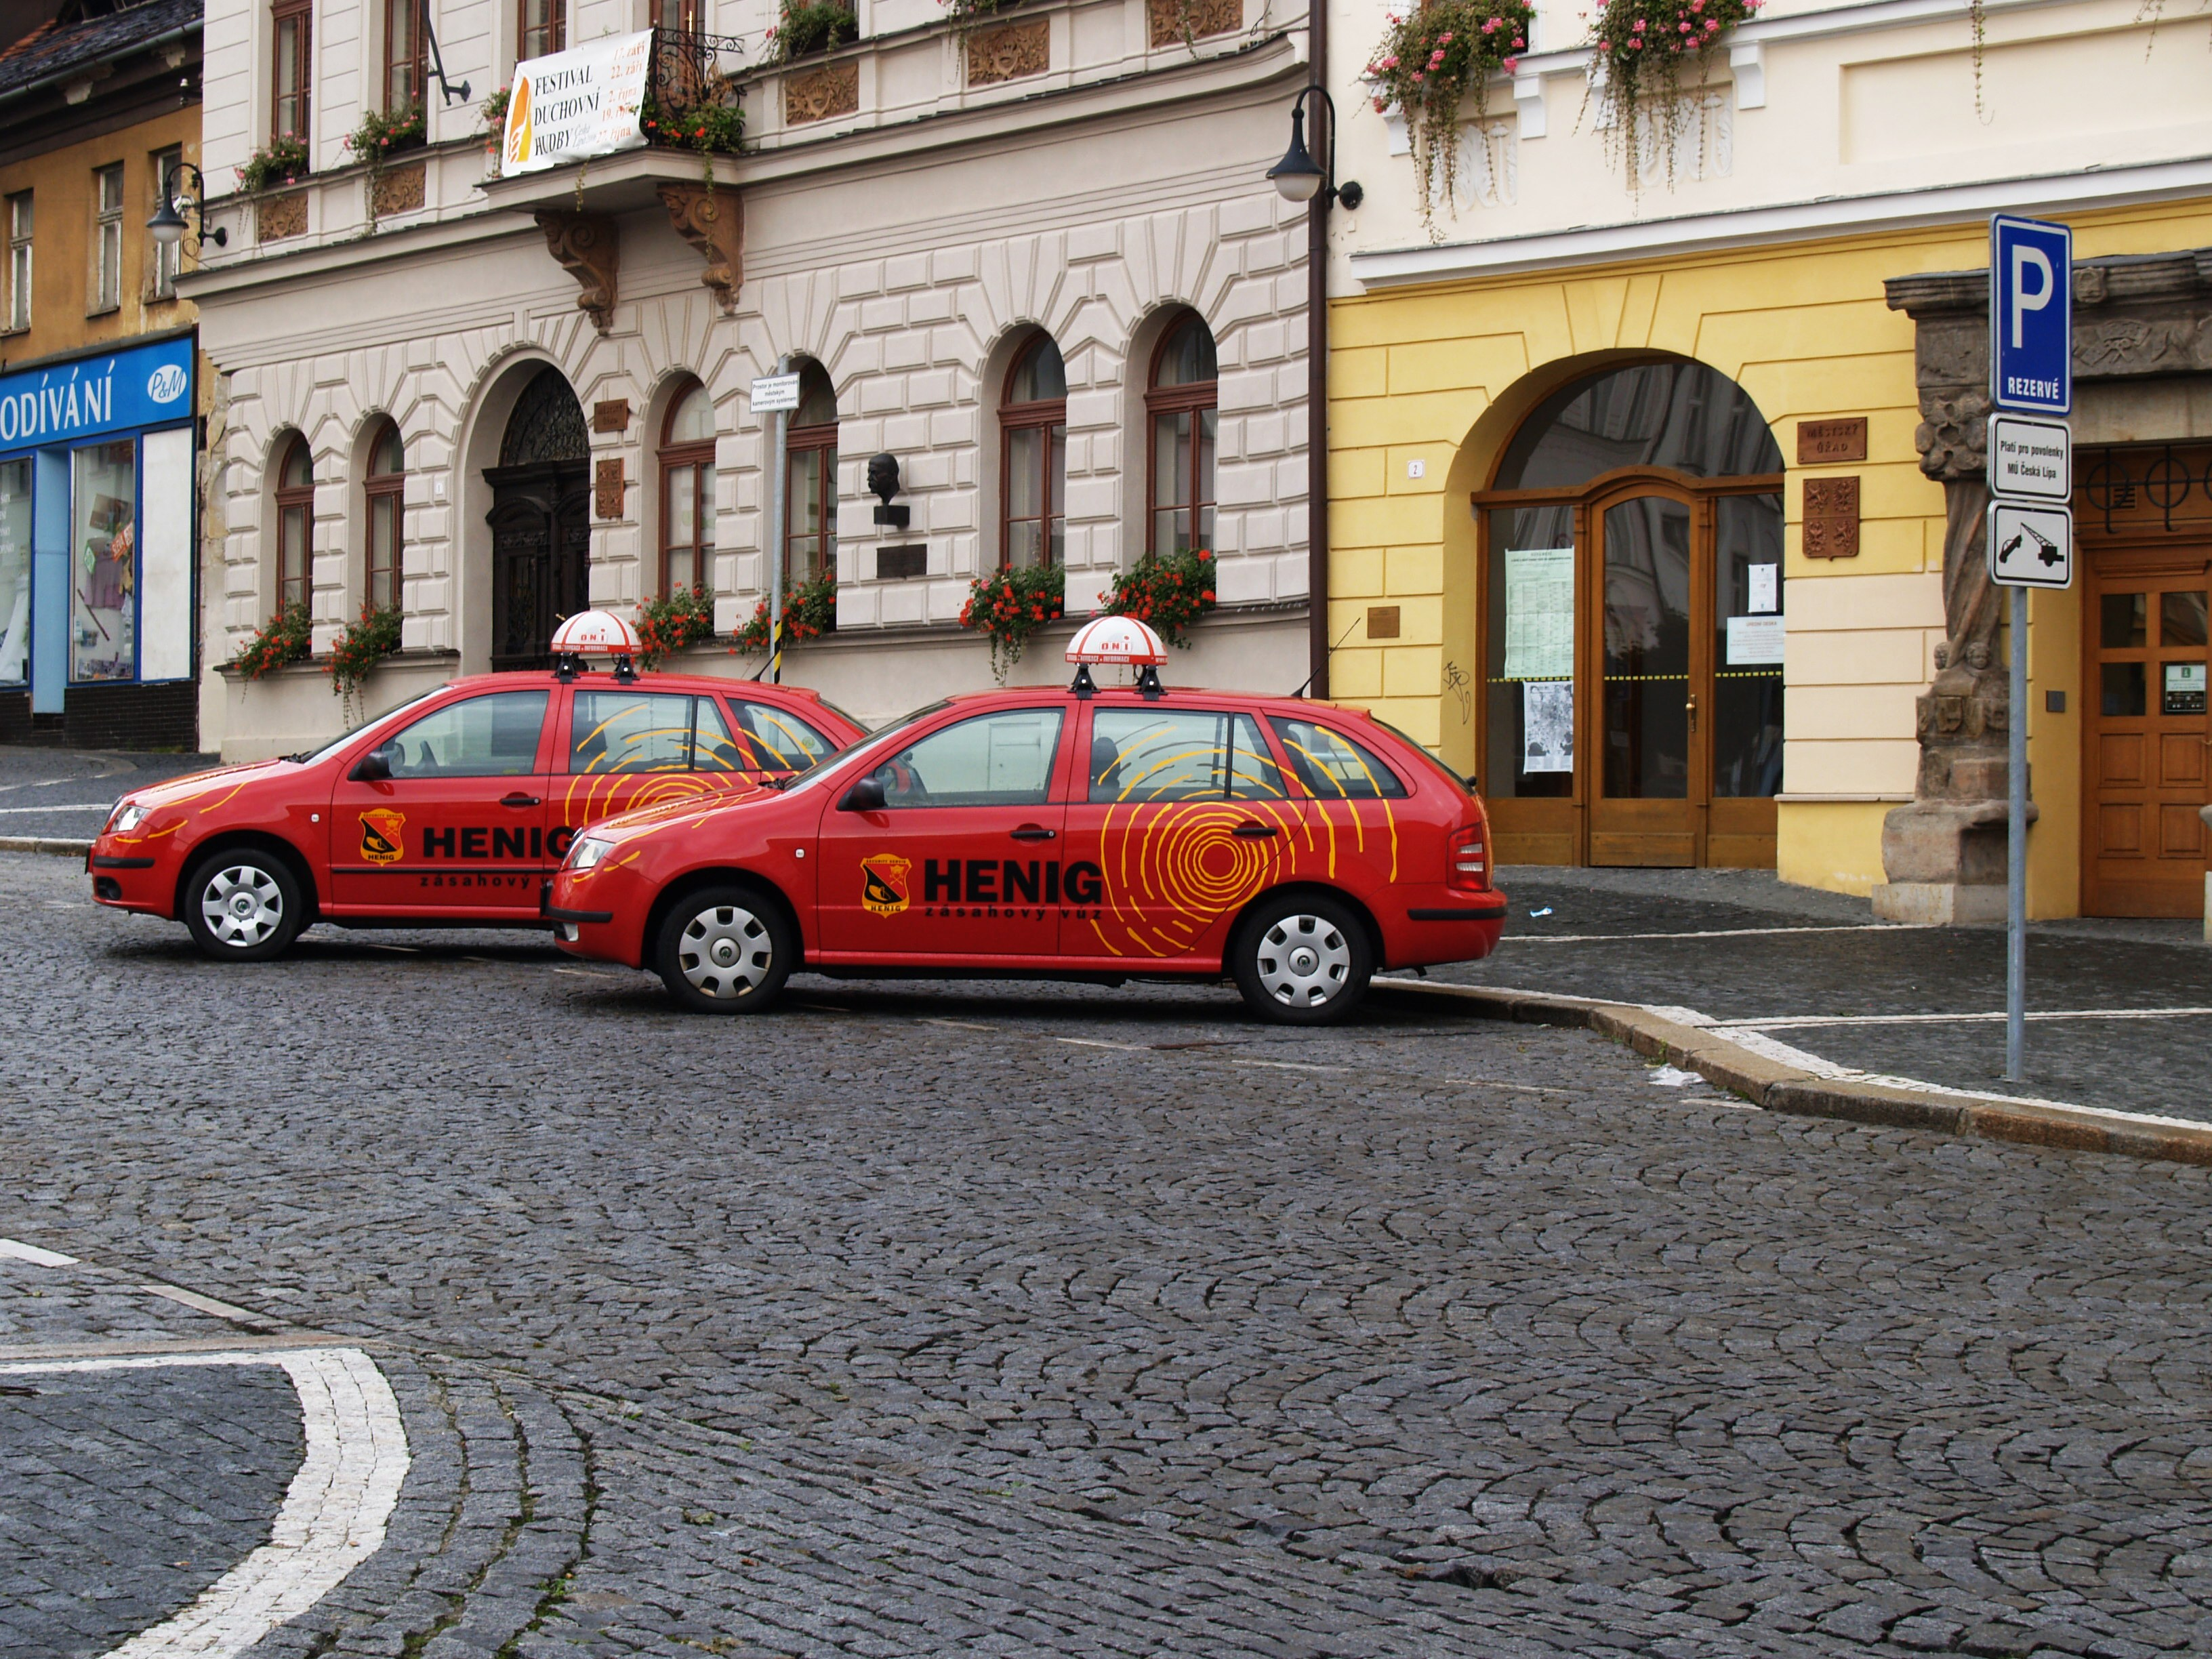 Instalace sledovacích a střežících systémů do automobilů - ONI